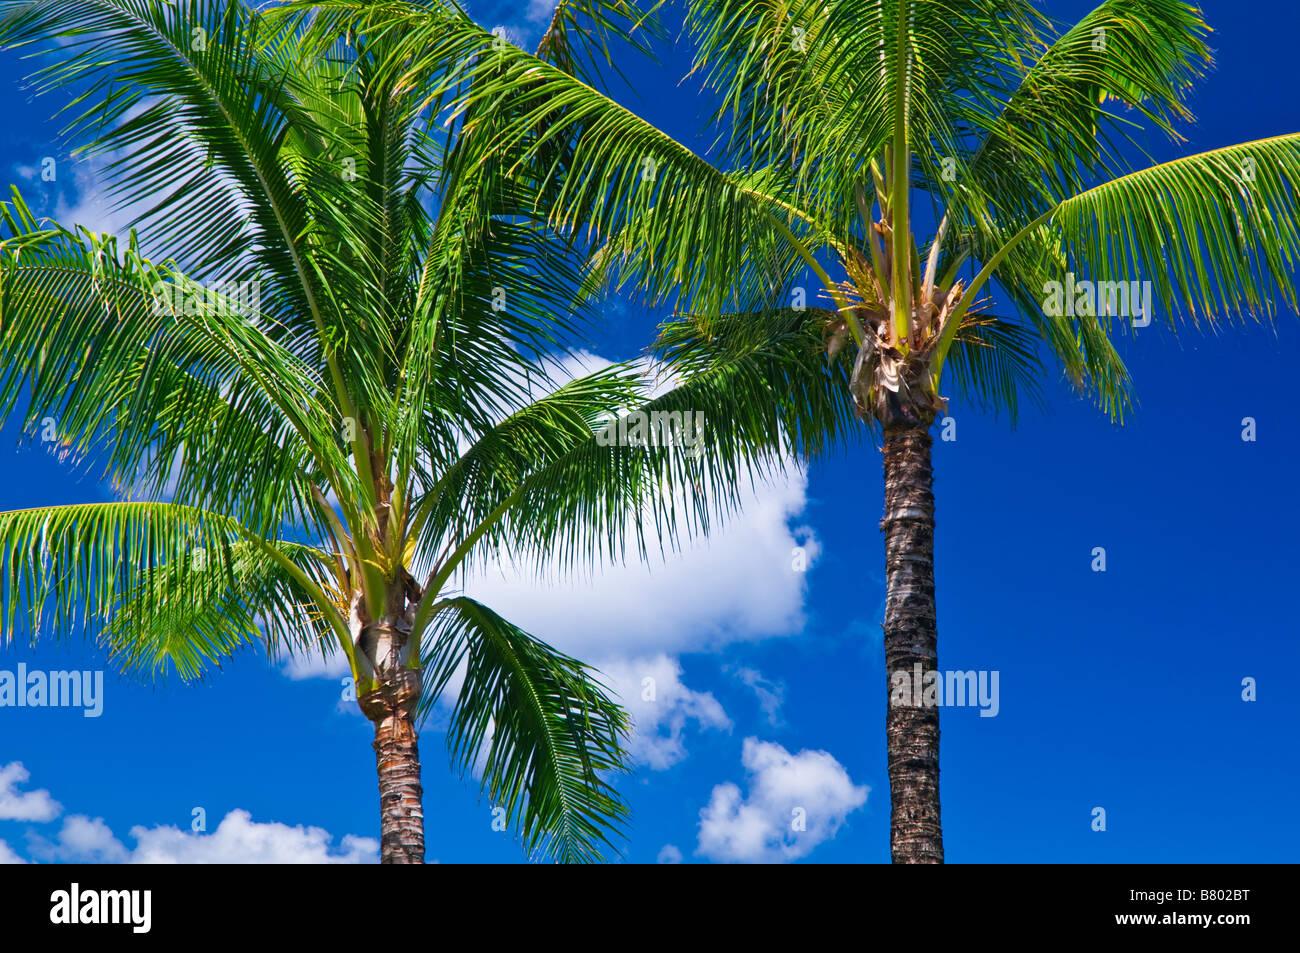 Kokos-Palmen und blauer Himmel Insel Kauai Hawaii Stockbild